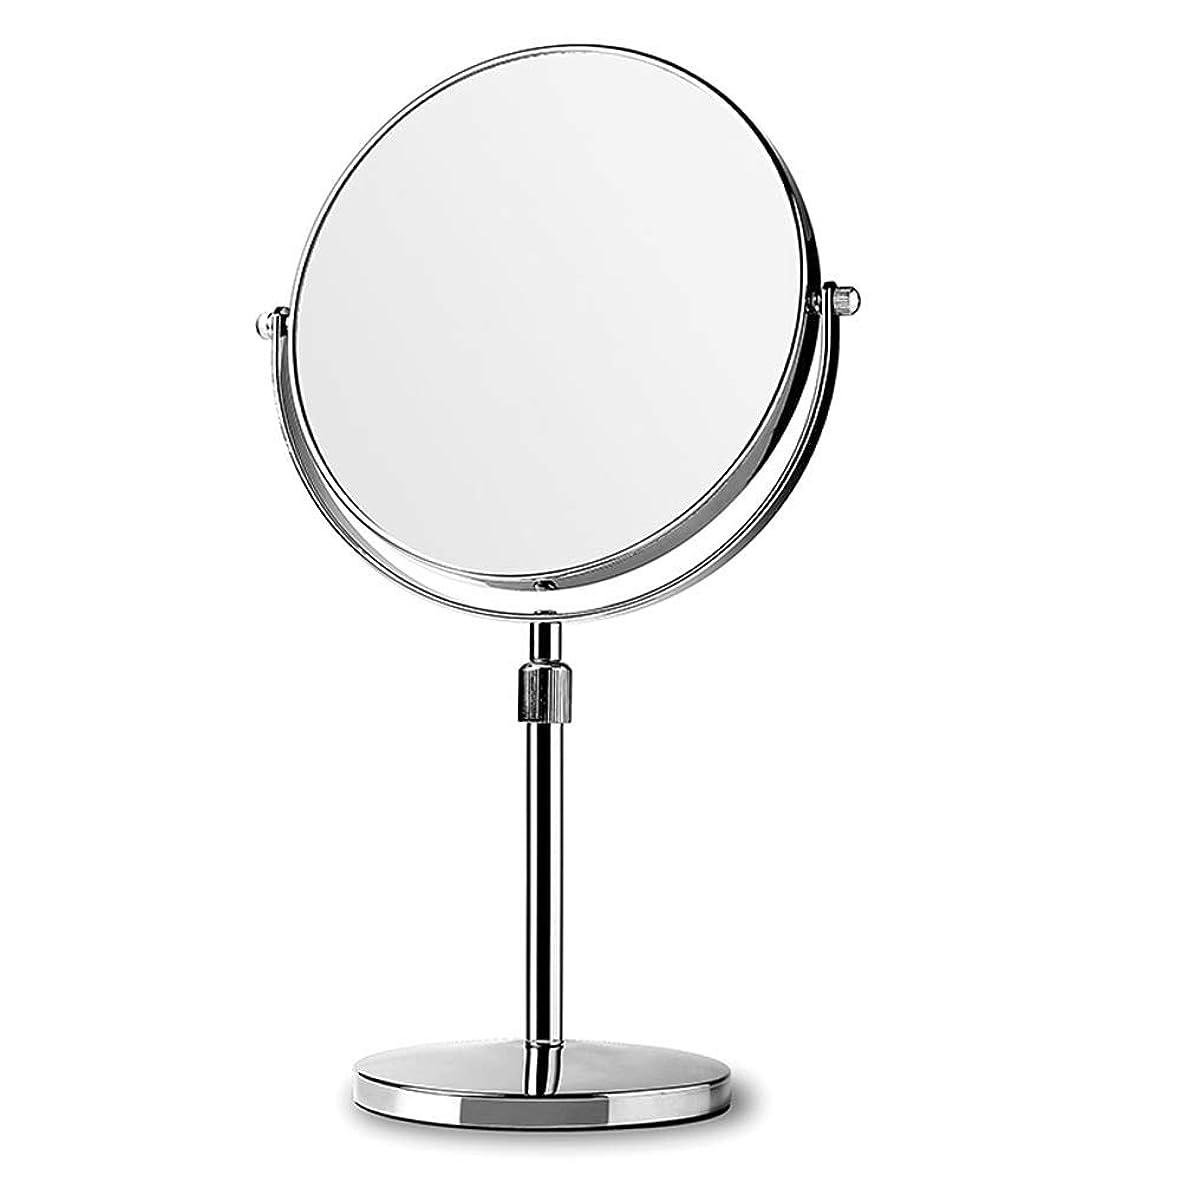 乱す乗り出す時々時々卓上鏡 メイクアップミラー 両面鏡 スタンドミラー 化粧道具 360度回転 高さが調整できる メイクプレゼント 贈り物